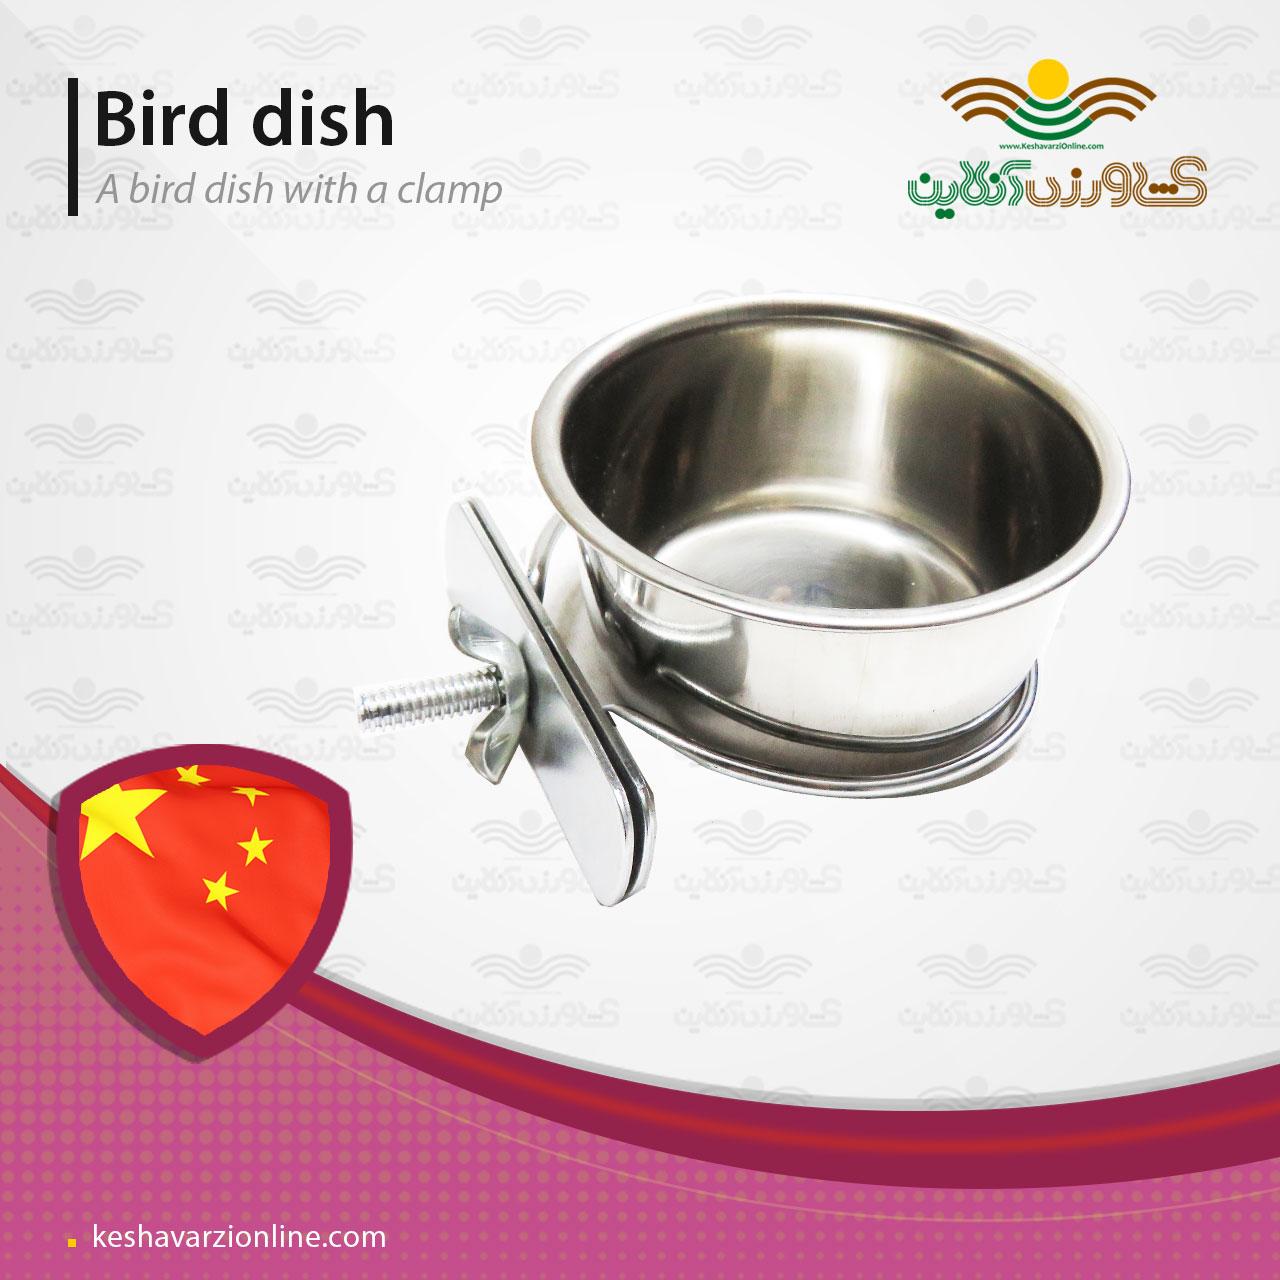 ظرف غذای پرنده با گیره پیچ دار